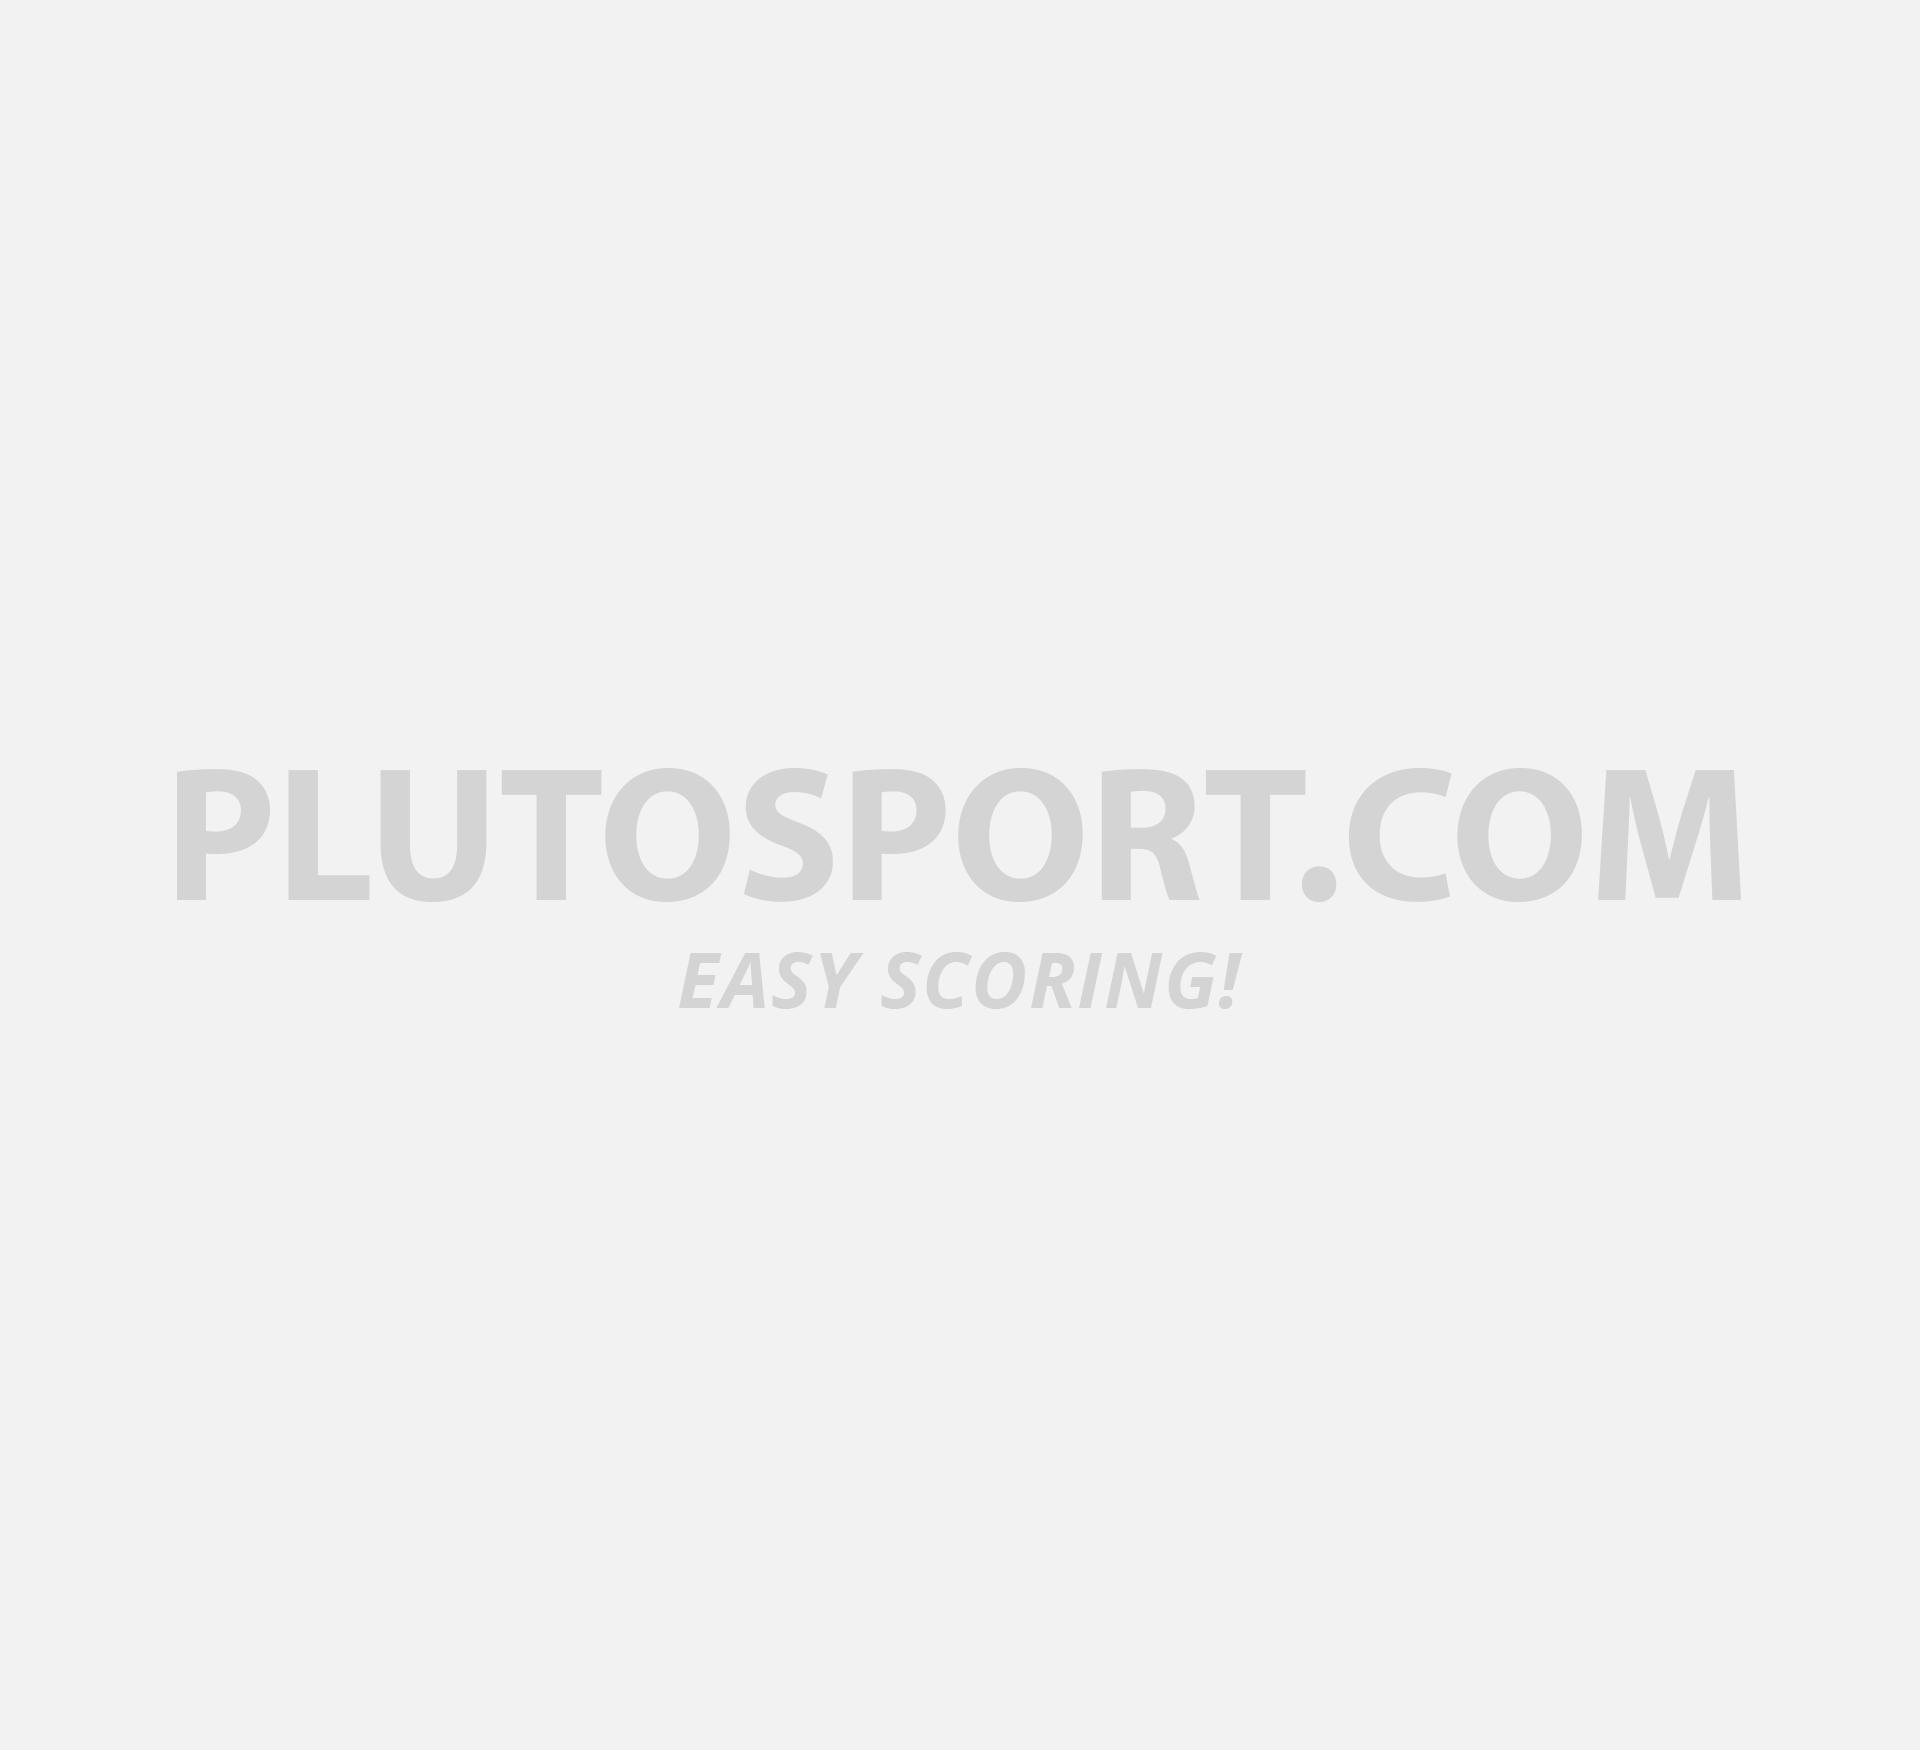 9ca6a8da4 Nike Tiempo Legend 7 Academy TF - Turf shoes - Shoes - Football - Sports |  Plutosport